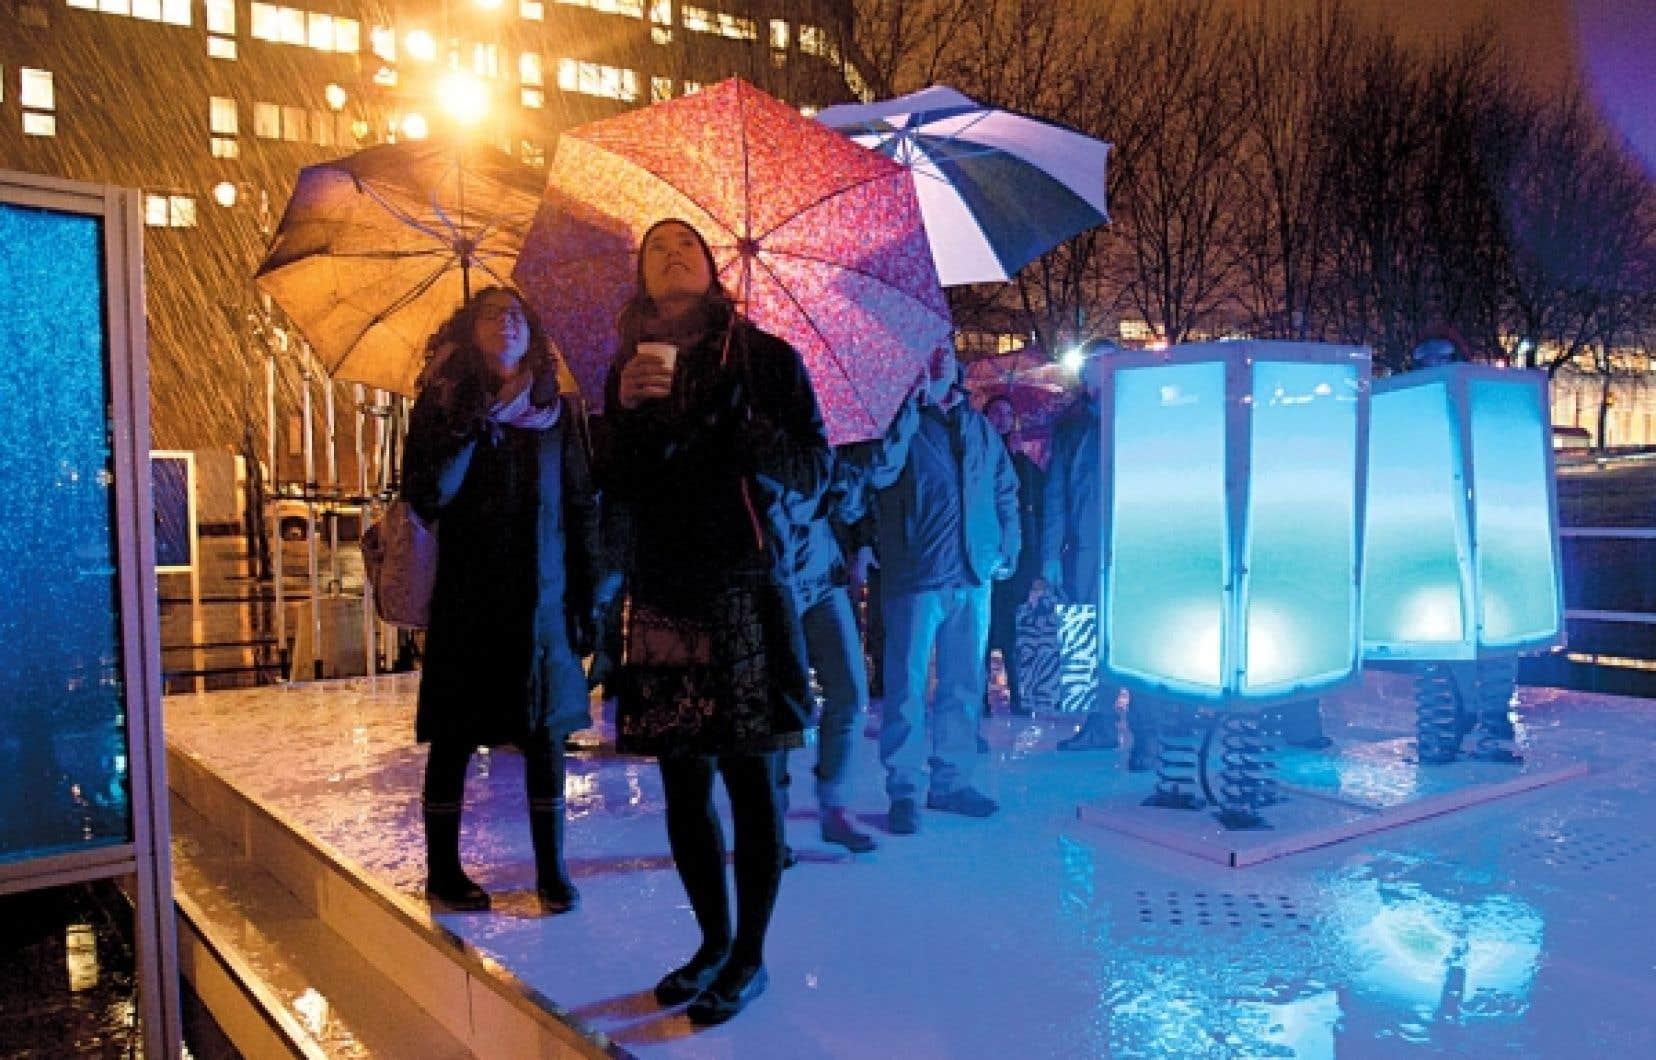 L'événement Luminothérapie, à Montréal, en décembre 2011. Il n'y a de culture que par la volonté de la transmettre d'une génération à l'autre, estime Serge Cantin.